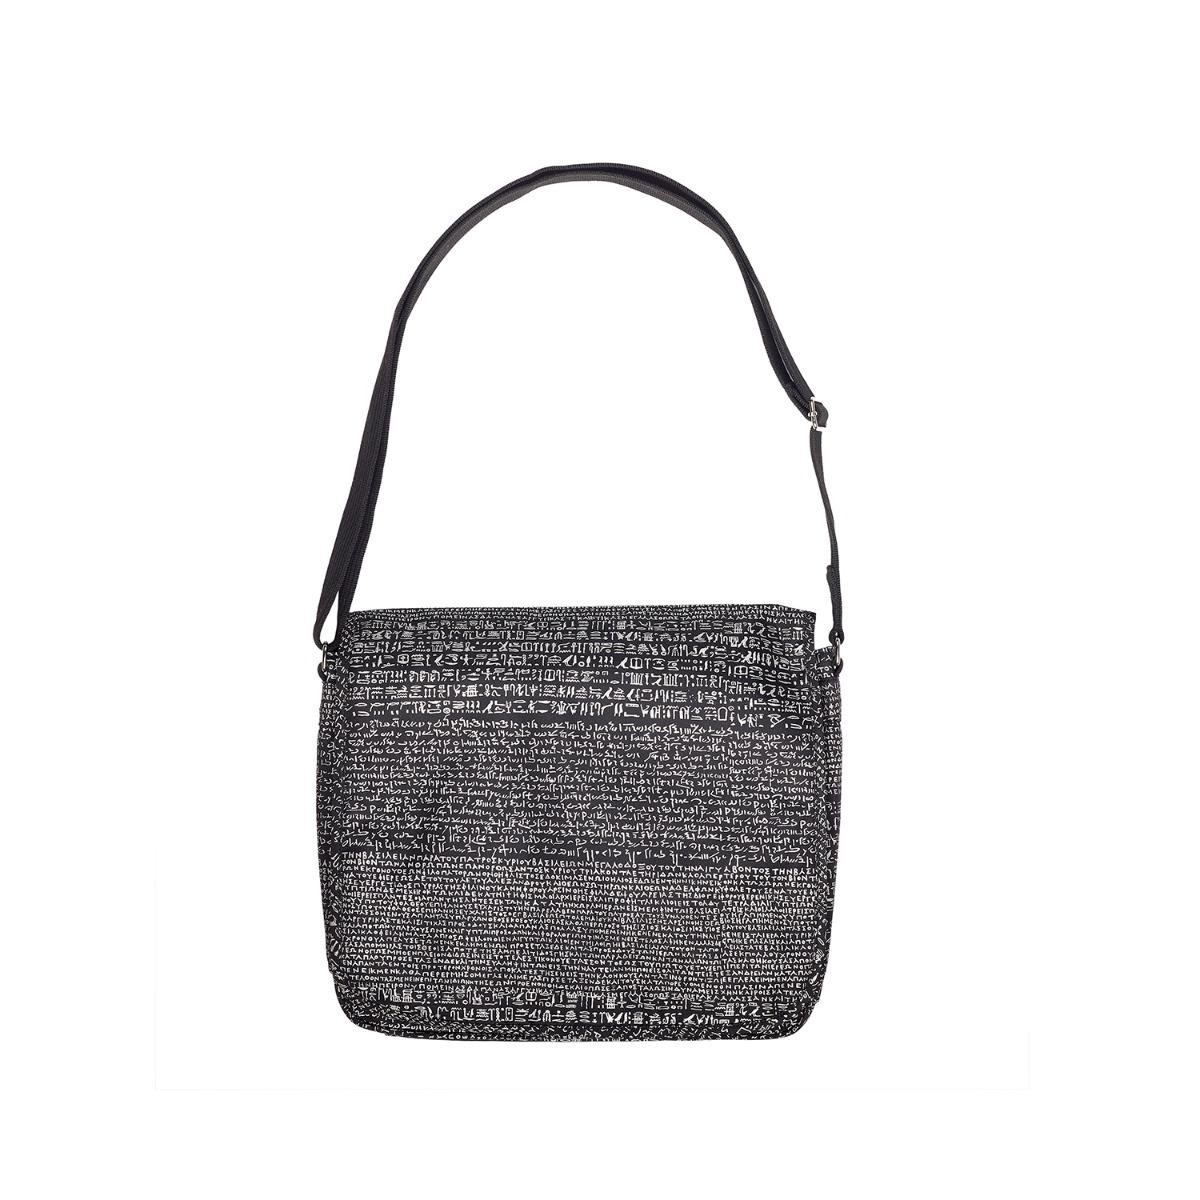 Rosetta Stone messenger bag